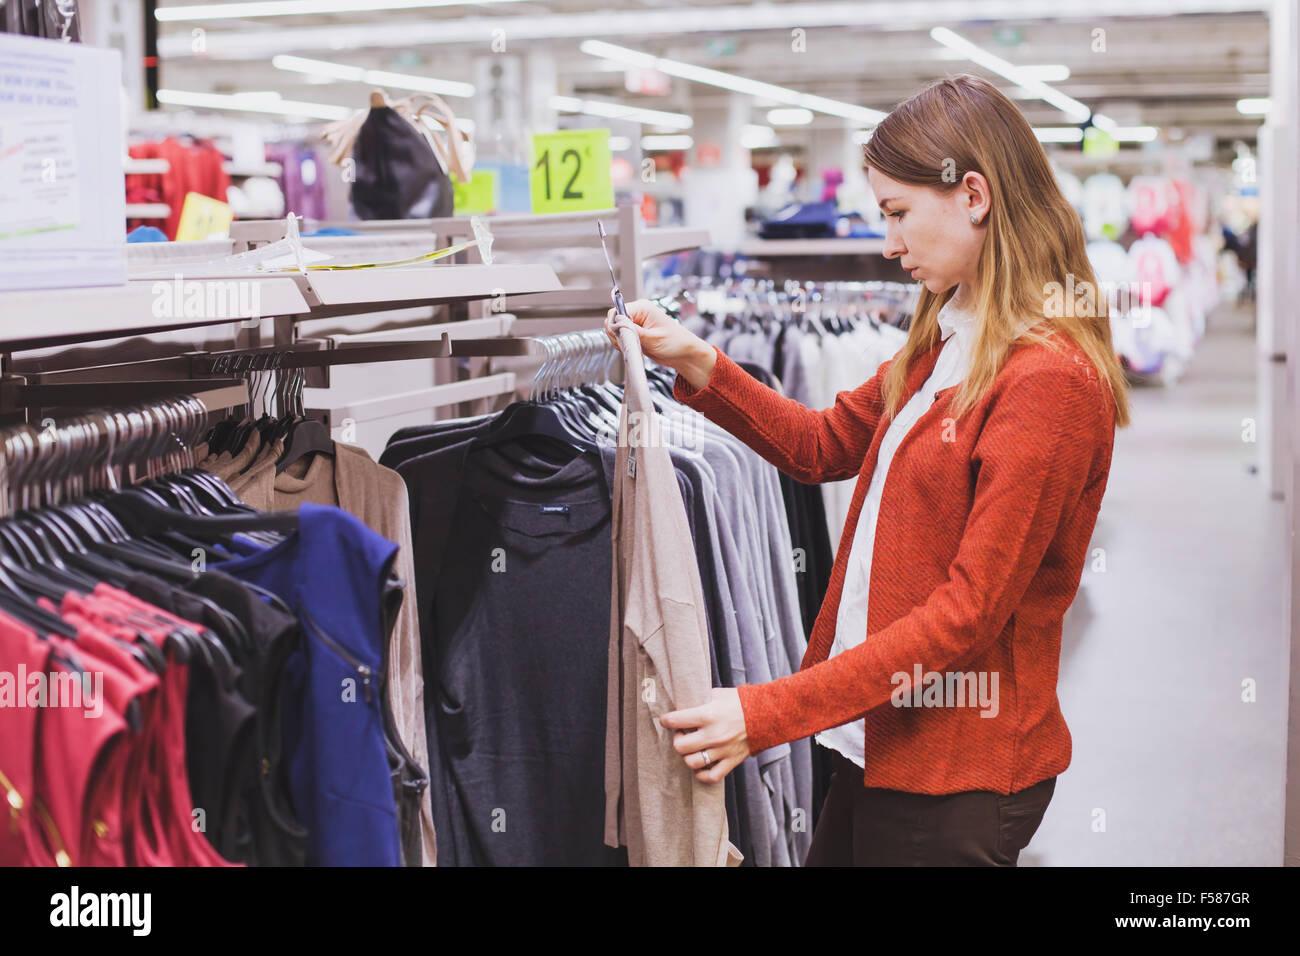 Donna scelta di vestiti in negozio Immagini Stock